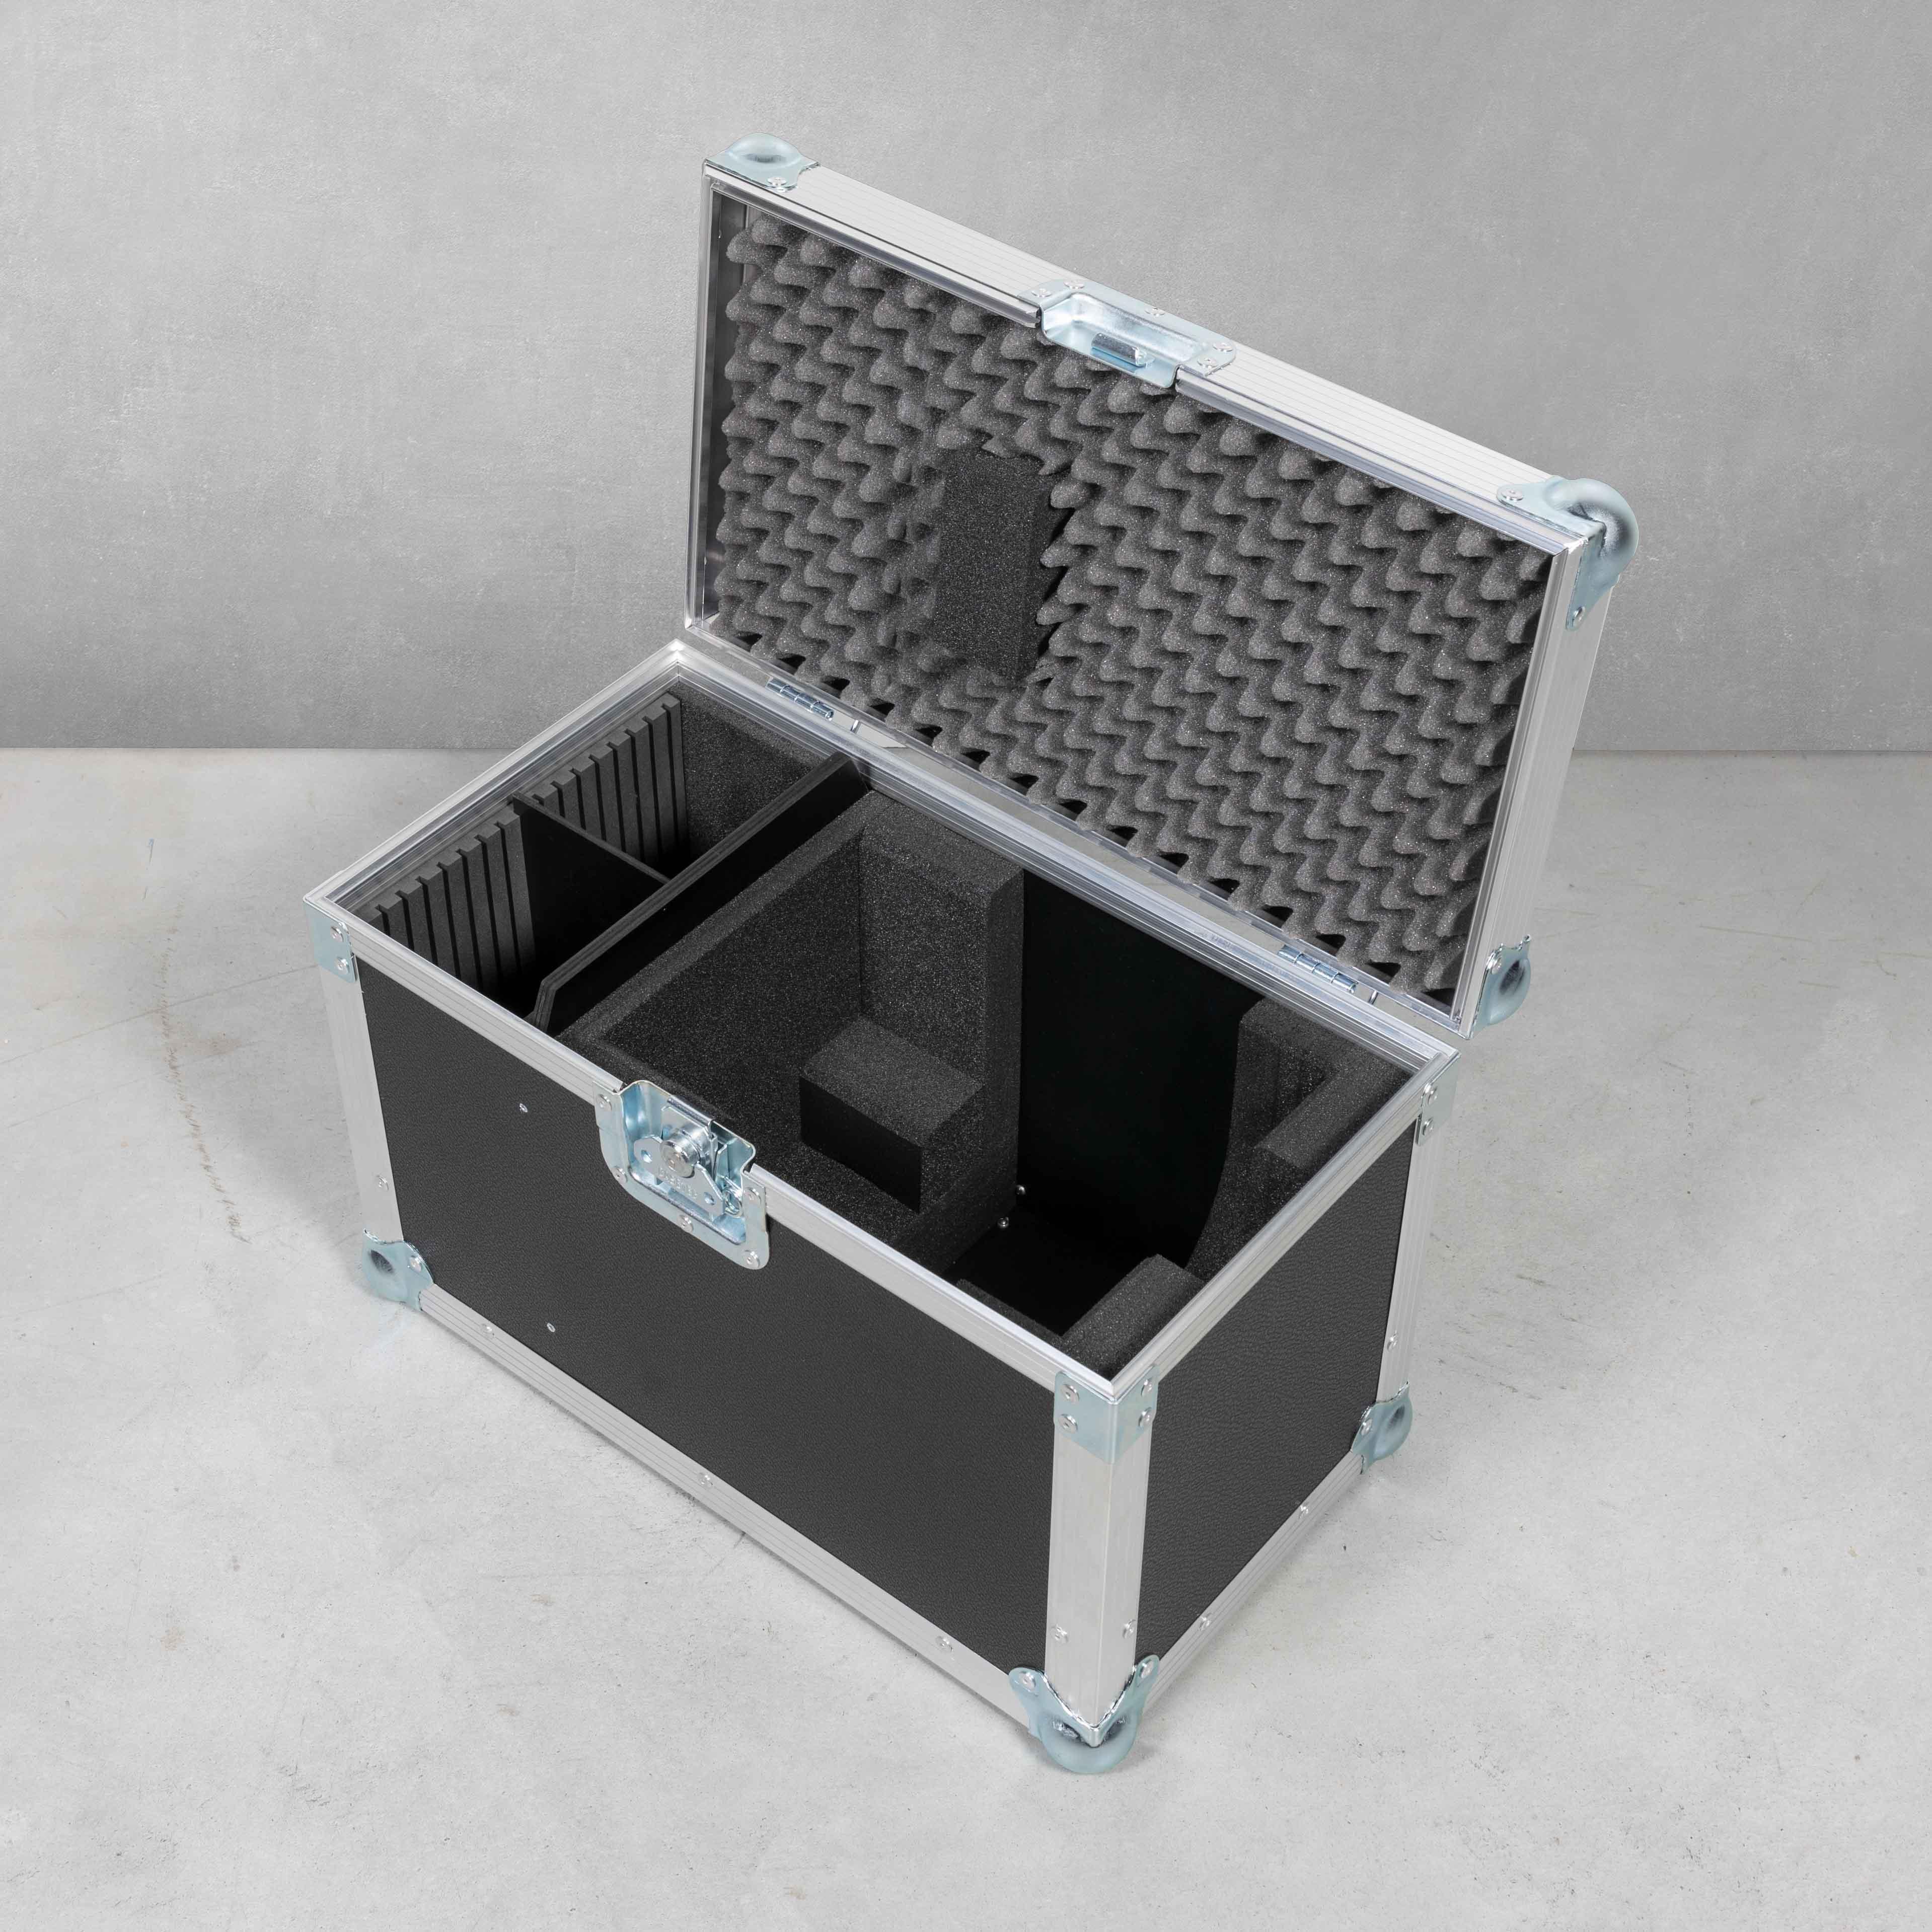 Flightcase für eine Canon CR-N500 PTZ-Kamera